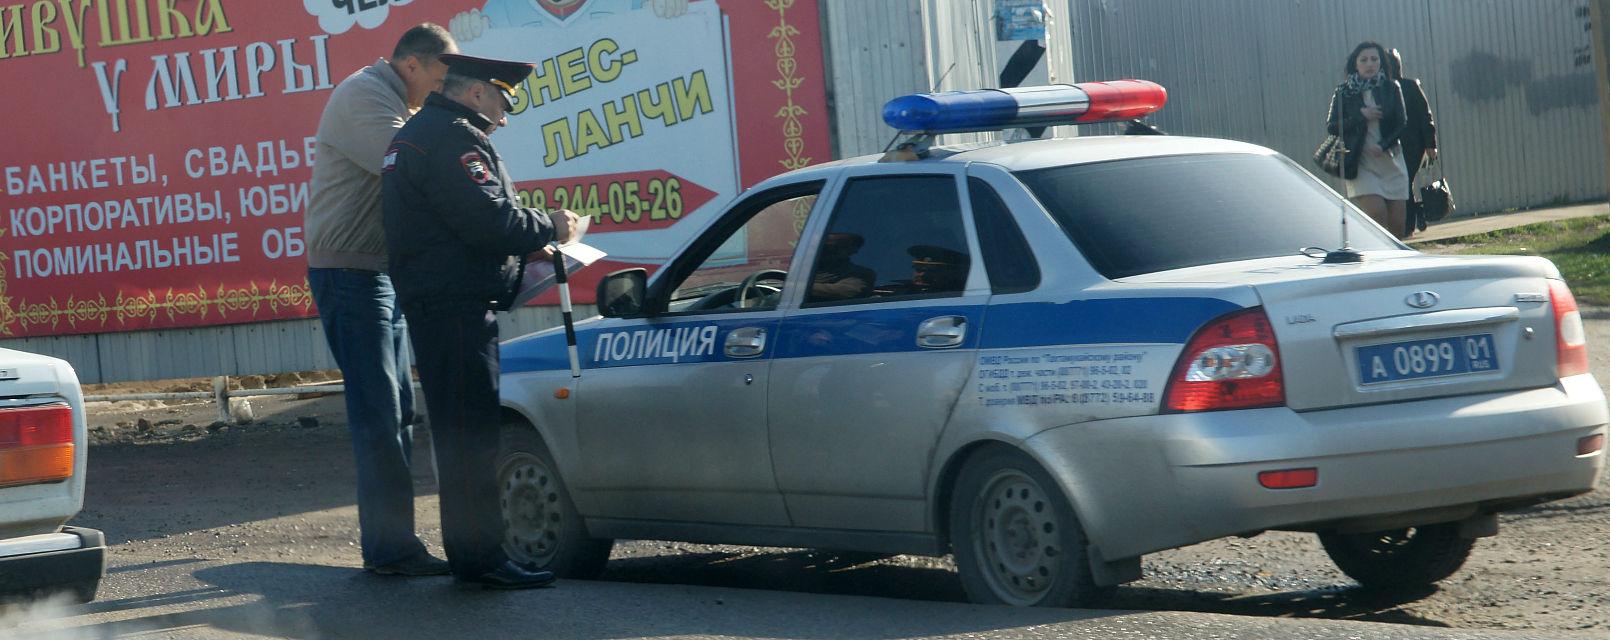 Всех посторонних «попросят» с места происшествия ©© Фото Евгения Мельченко, Юга.ру